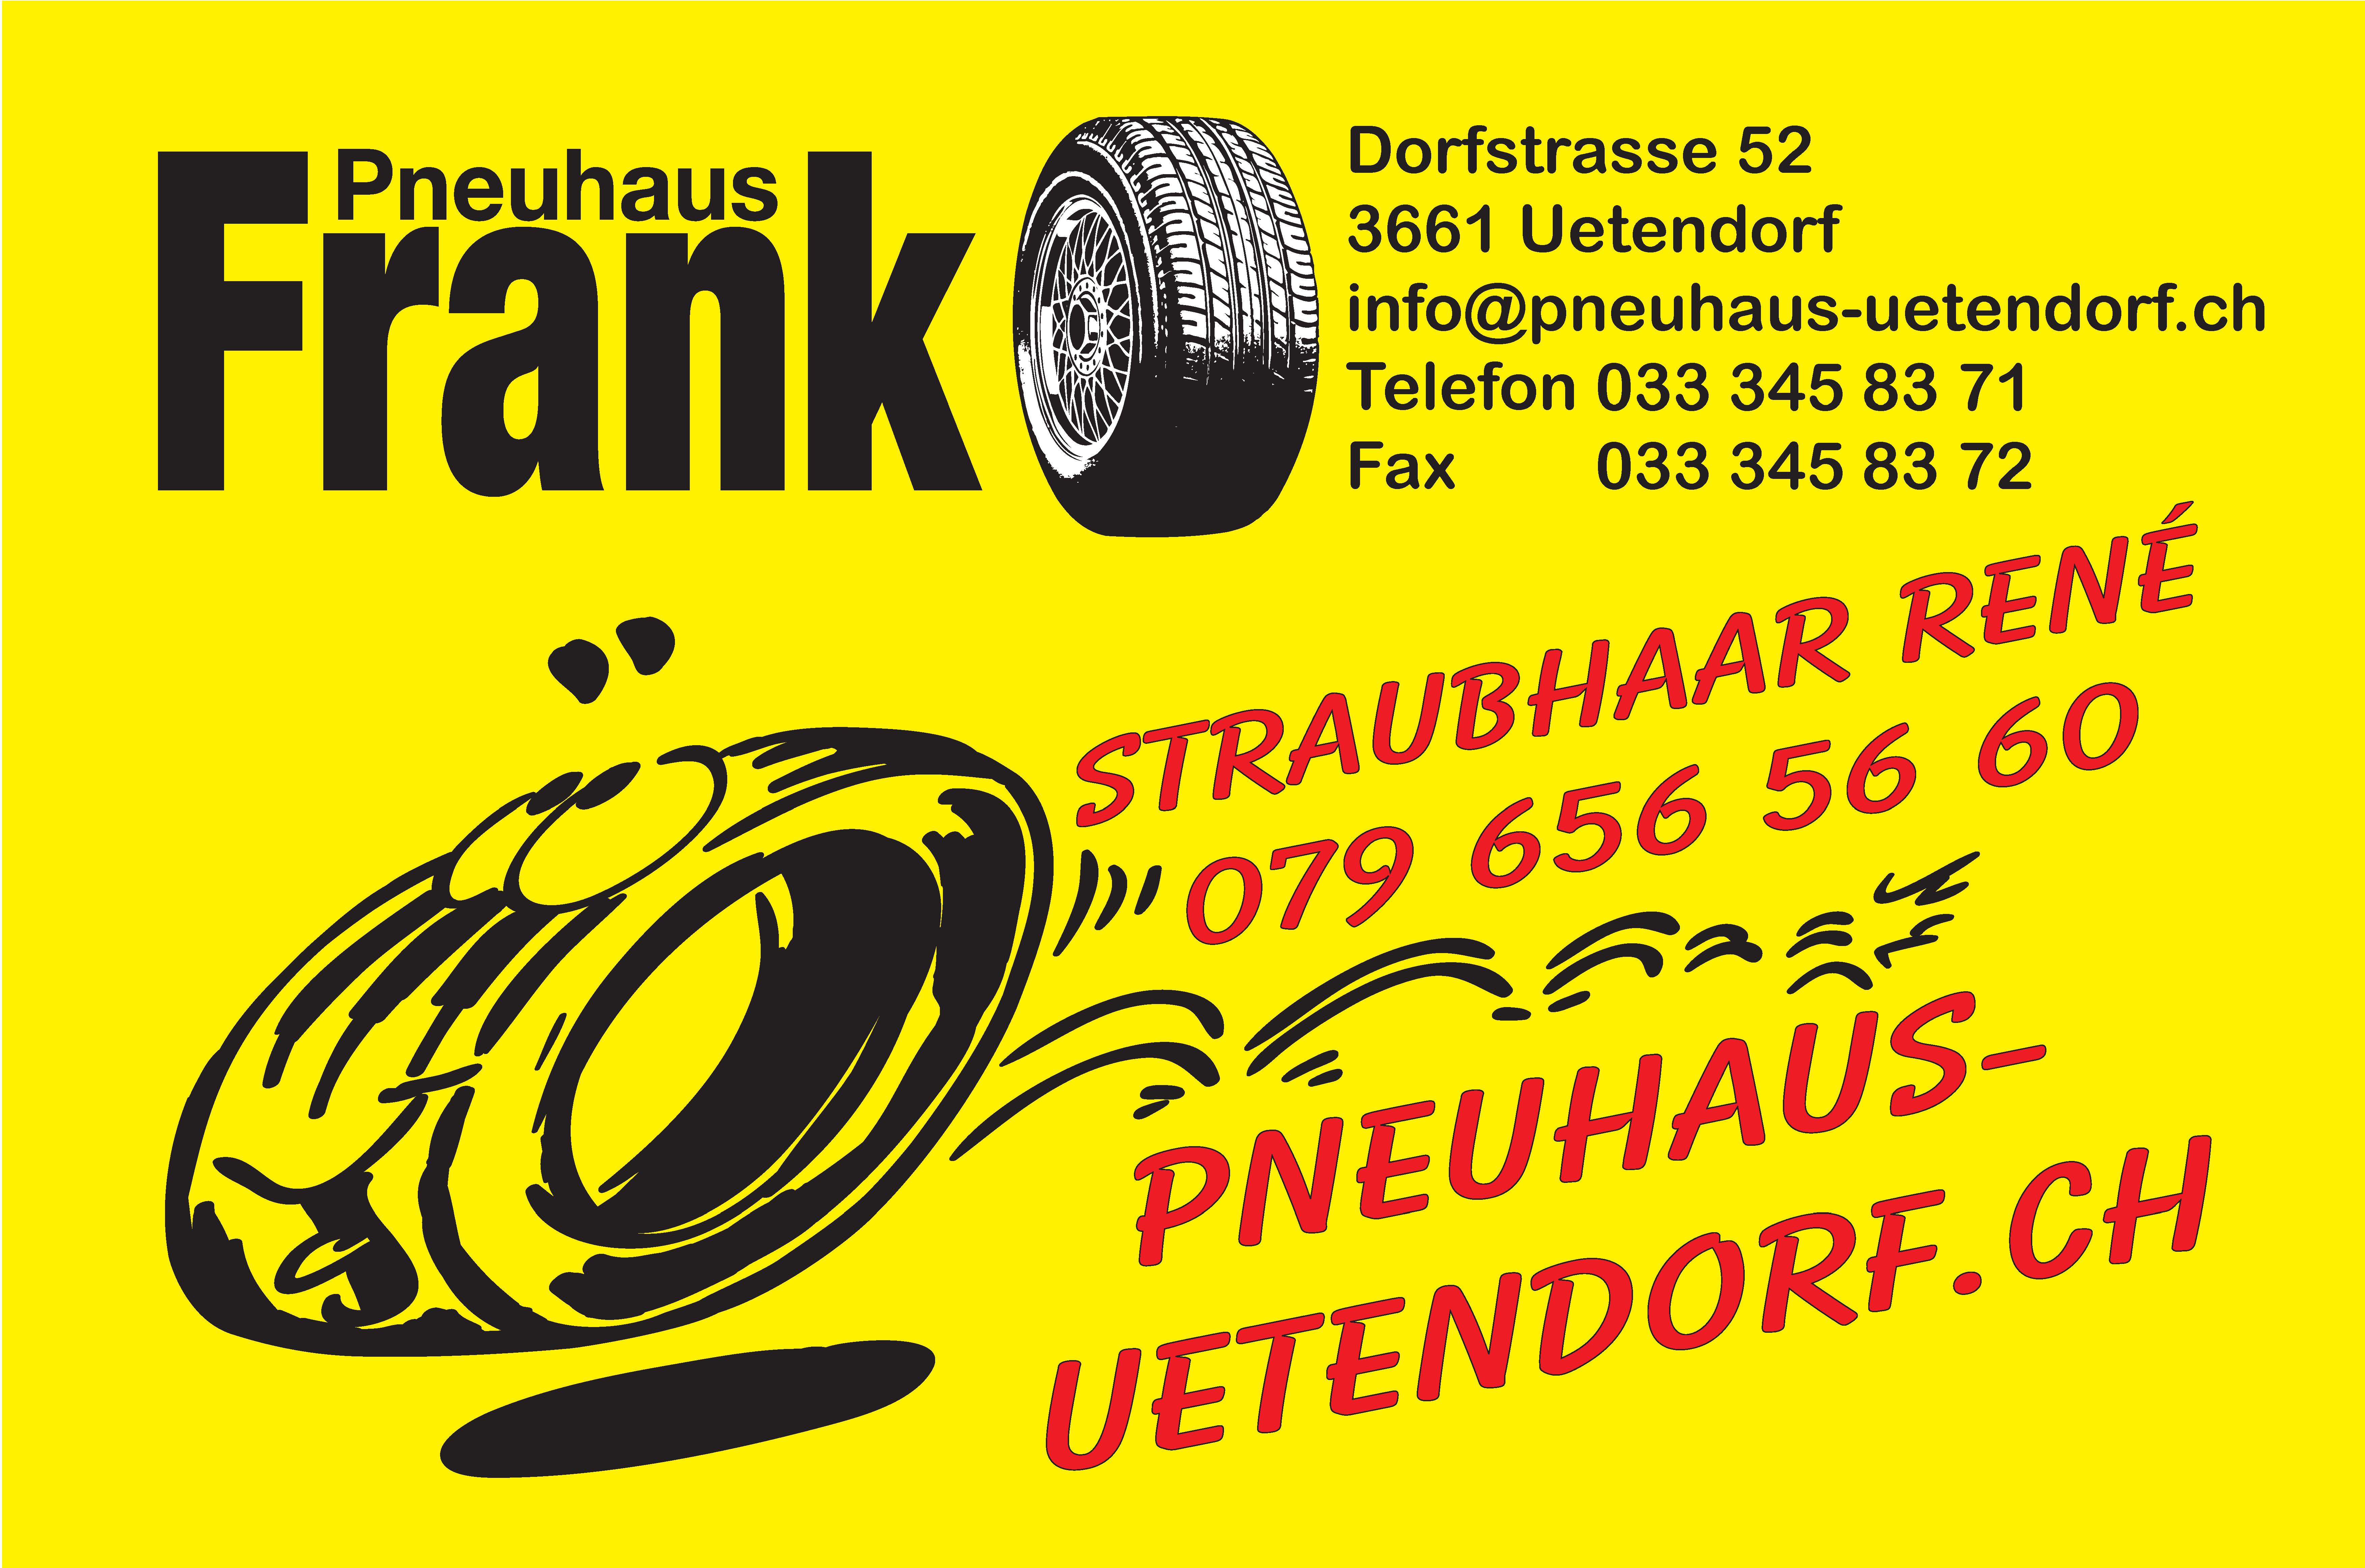 Pneuhaus Uetendorf